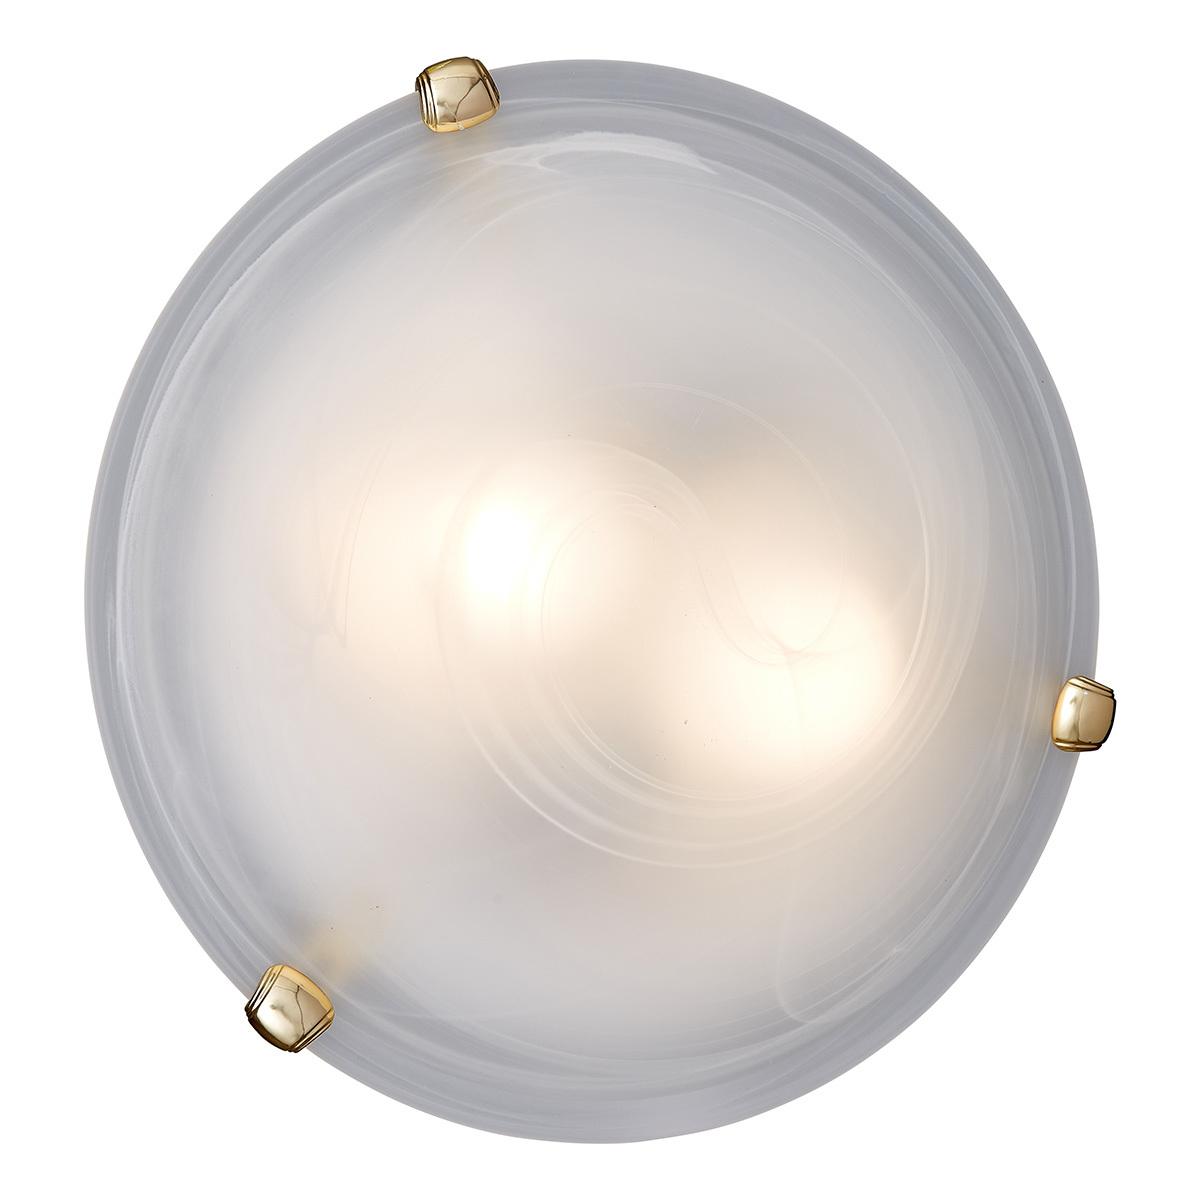 Потолочный светильник Sonex Duna 353 золото, 3xE27x100W, золото, белый, металл, стекло - фото 2